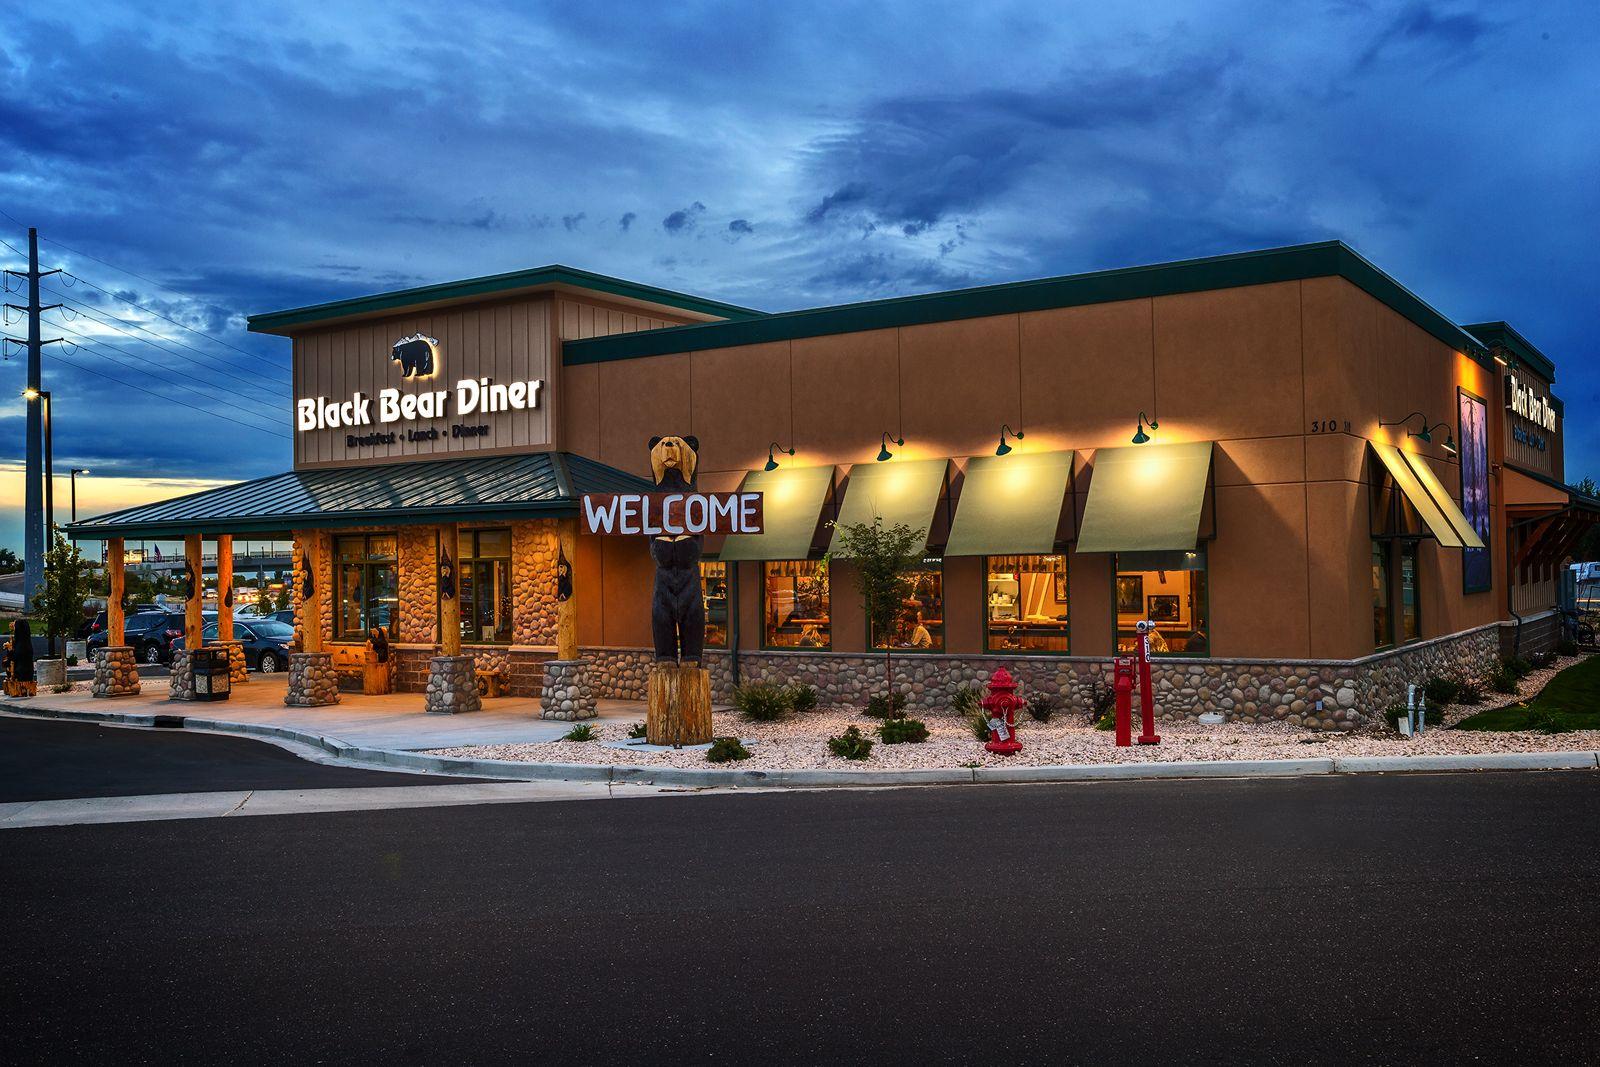 Black Bear Diner Hires Industry Veteran Joe Adney as Chief Marketing Officer